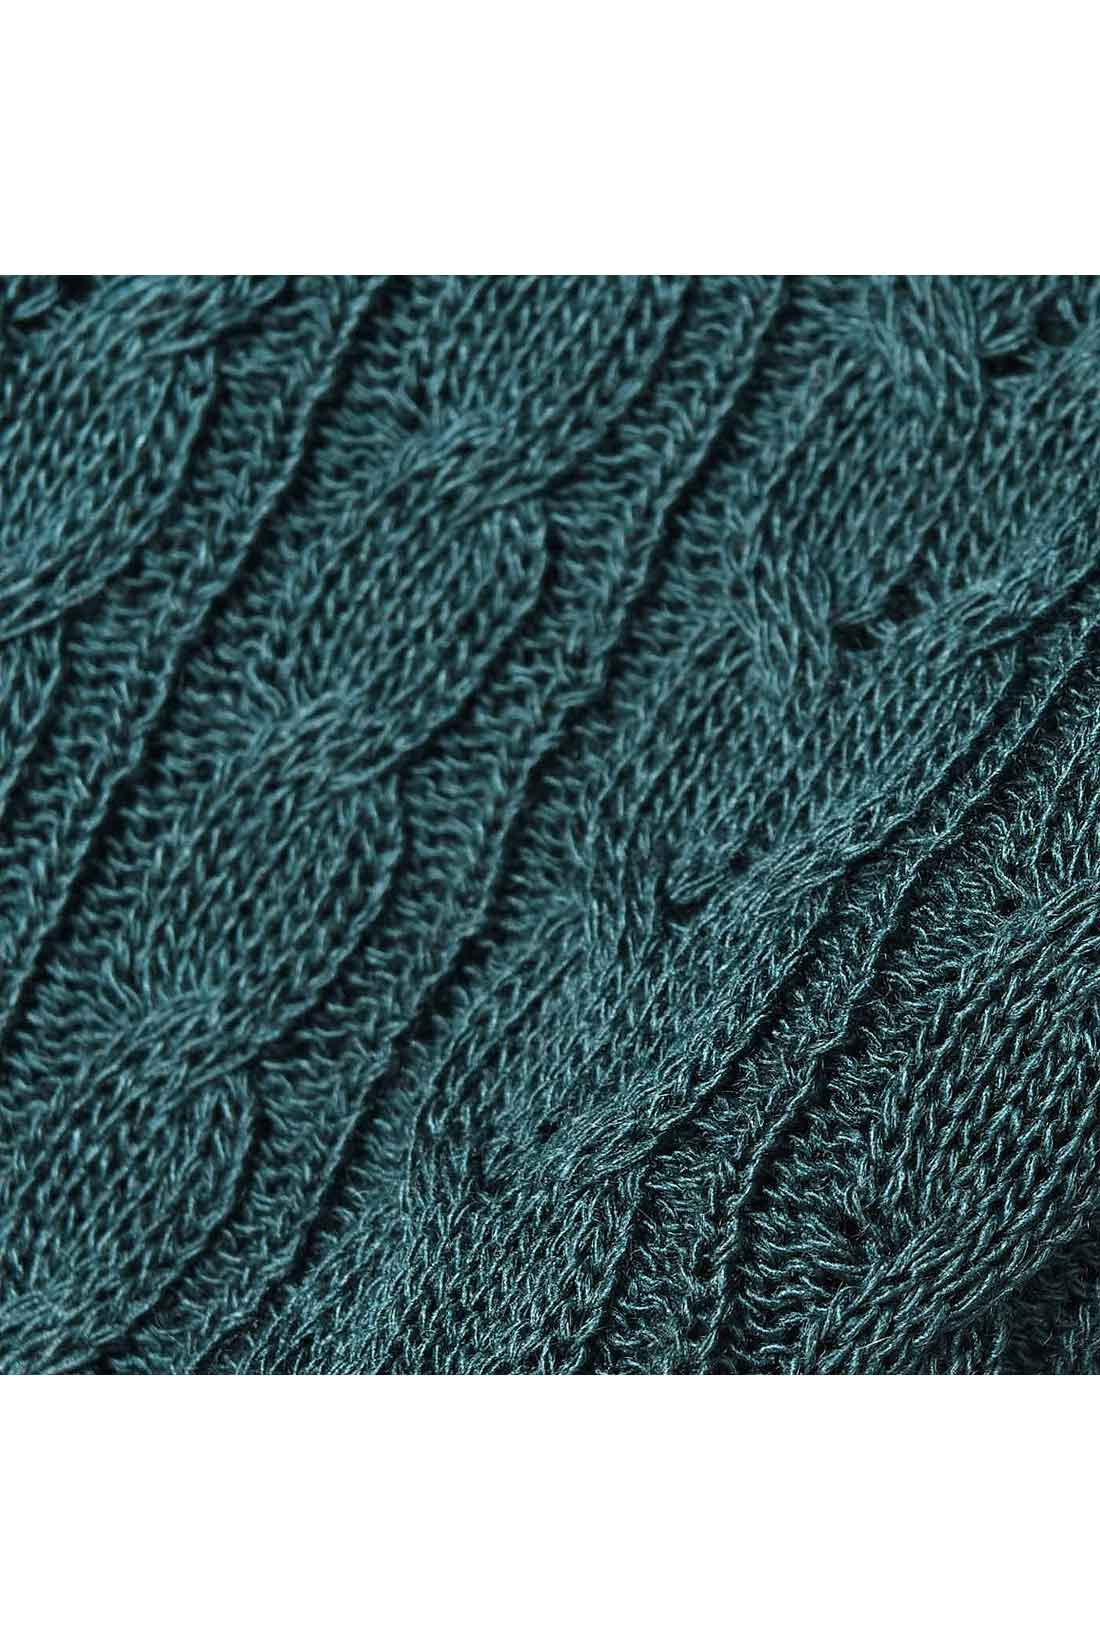 ダイヤ・ケーブル・かのこなど、いろいろな編み柄を組み合わせているから、着映え度抜群。